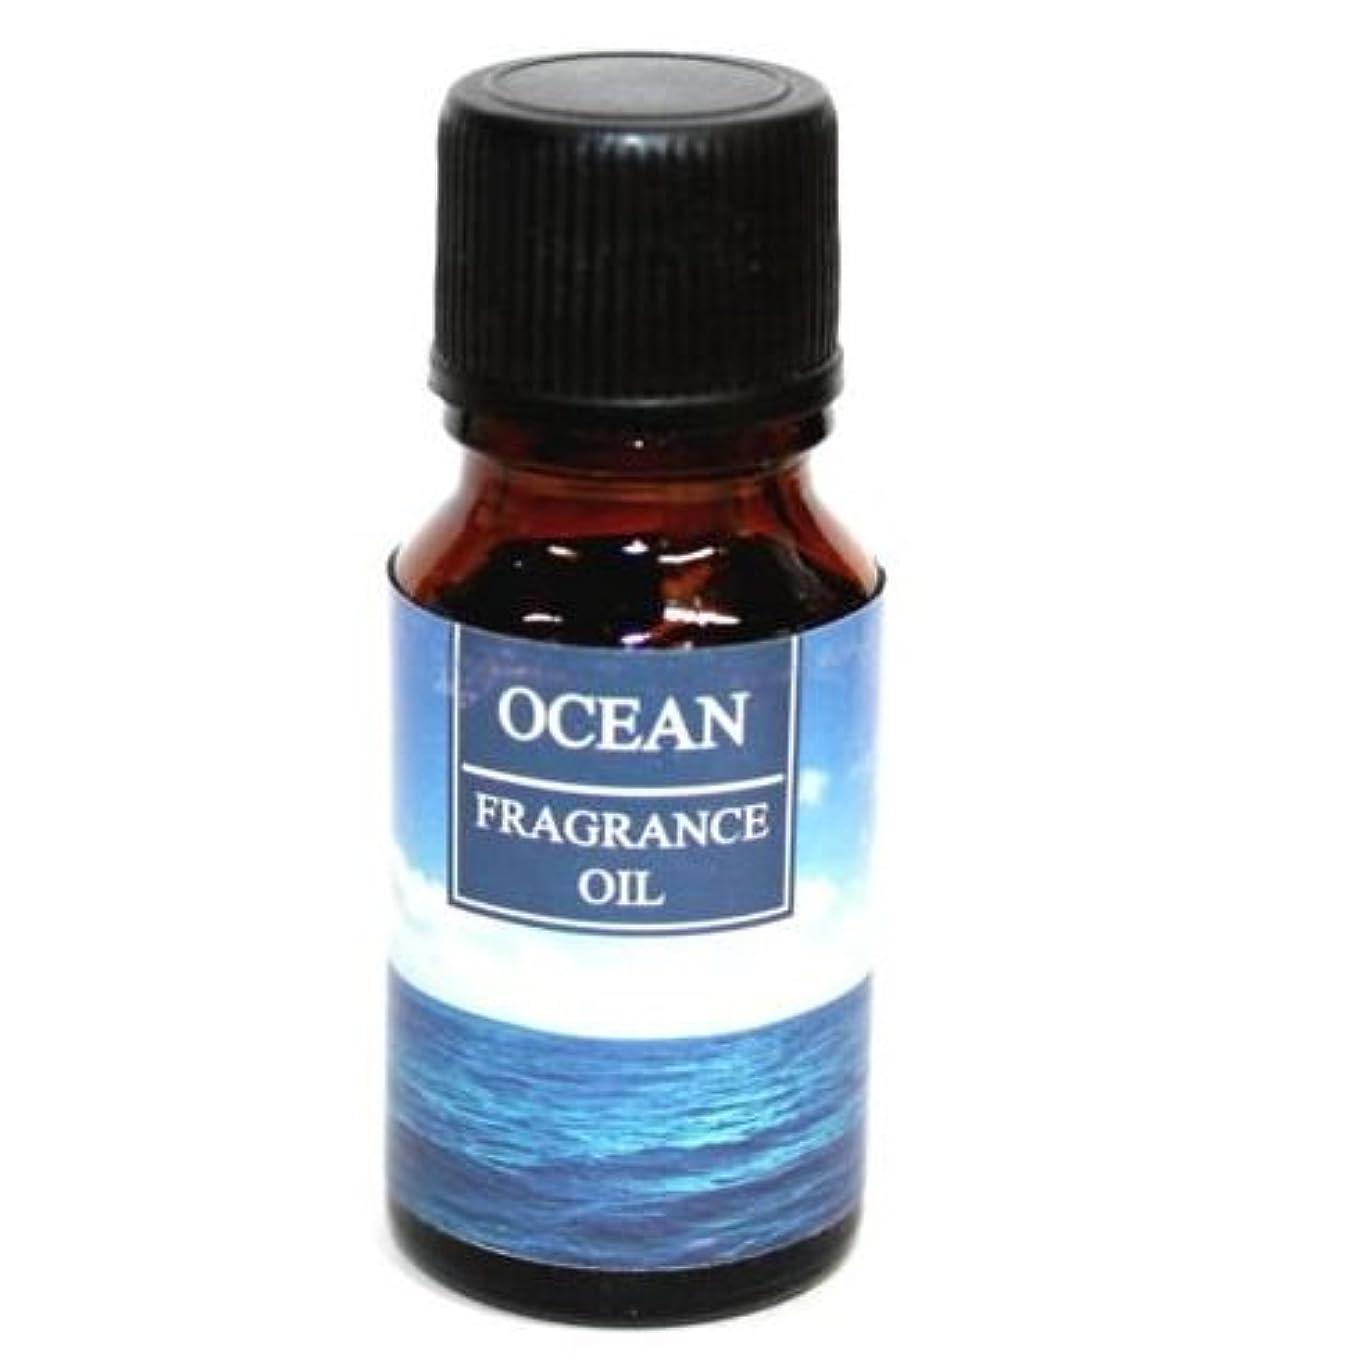 勉強するホーンメンテナンスRELAXING アロマオイル AROMA OIL フレグランスオイル OCEAN 海の香り RQ-10